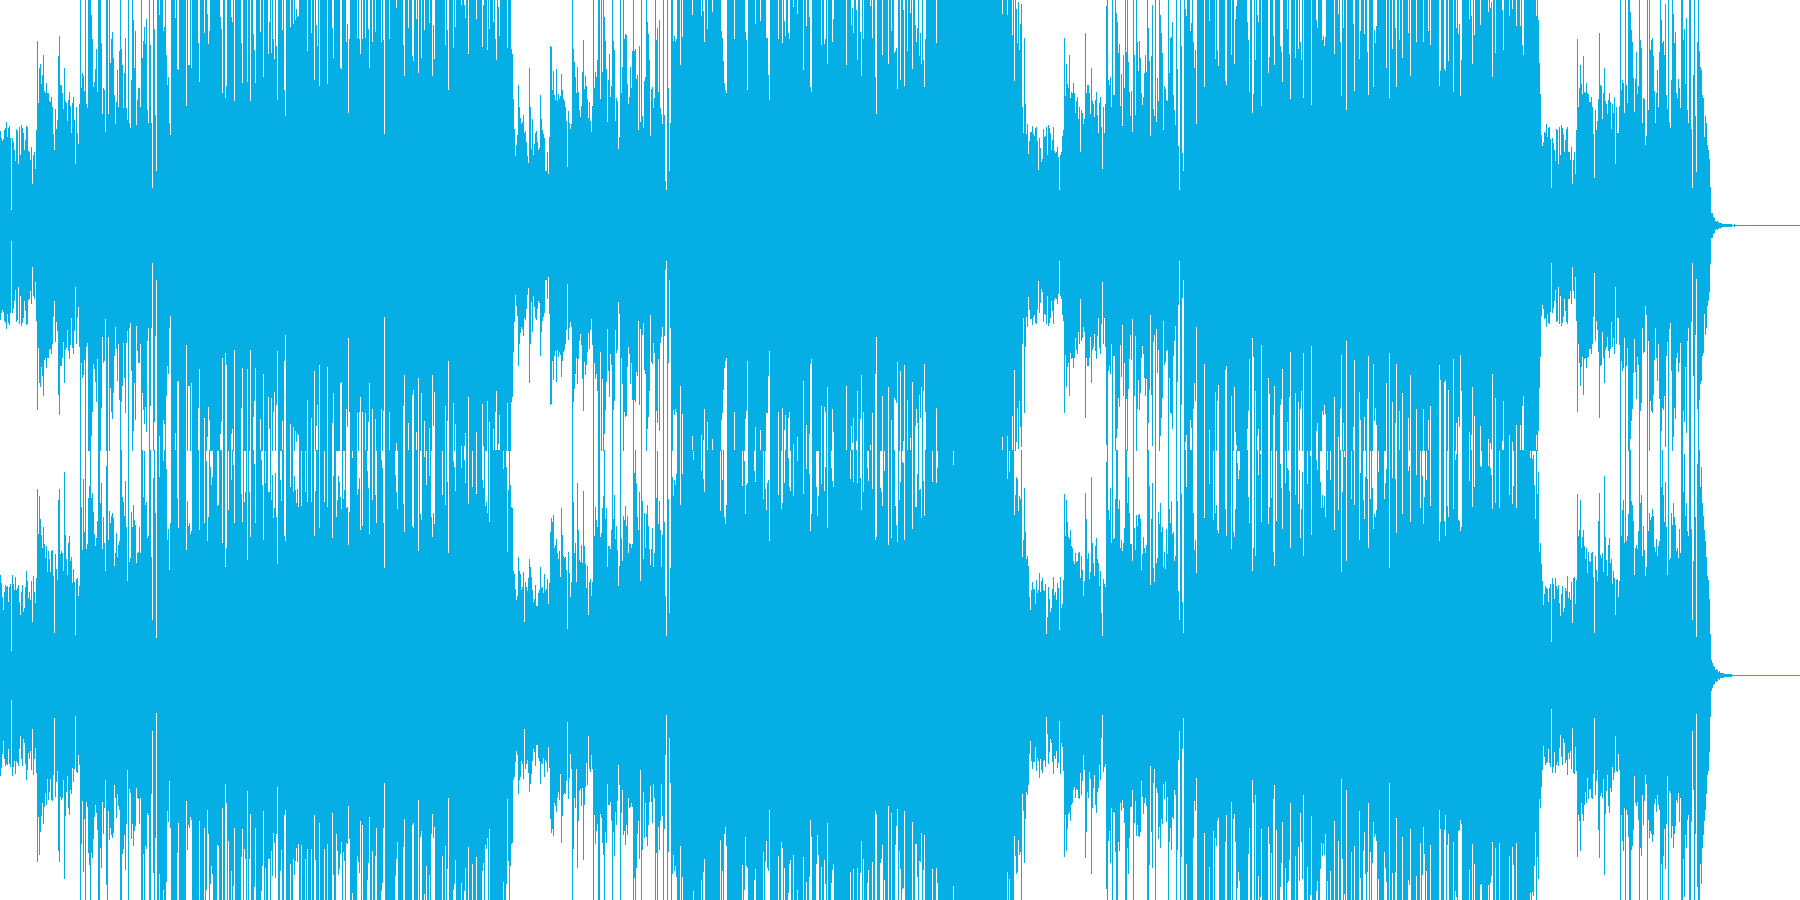 エレキGt生録(Smooth Jazz)の再生済みの波形